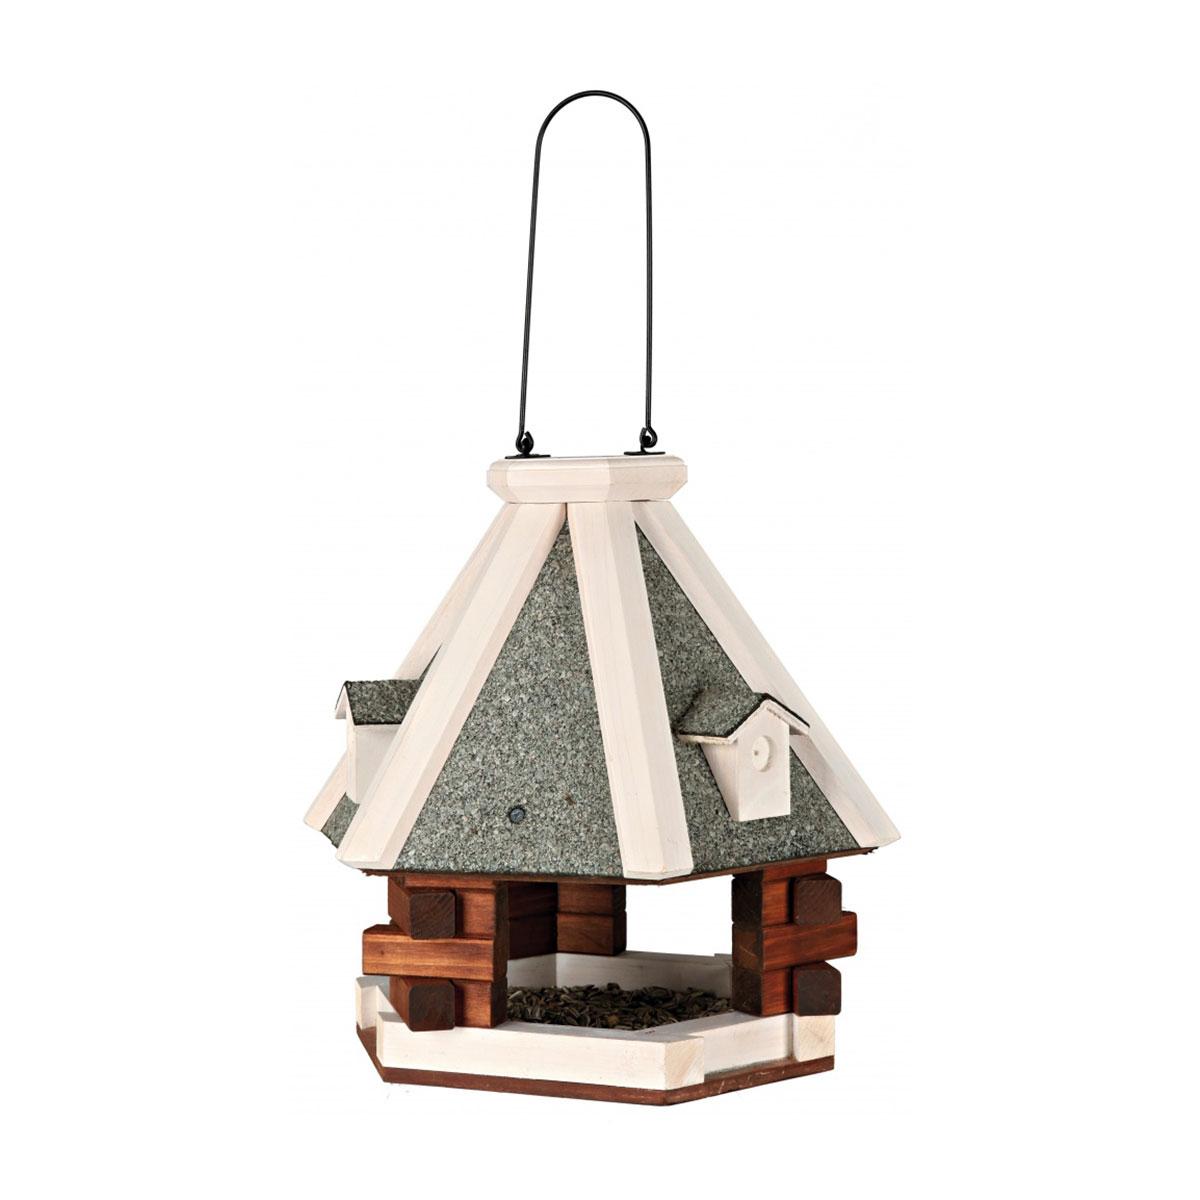 Trixie vogel futterhaus zum h ngen g nstig kaufen bei zooroyal - Fensterdeko zum hangen ...